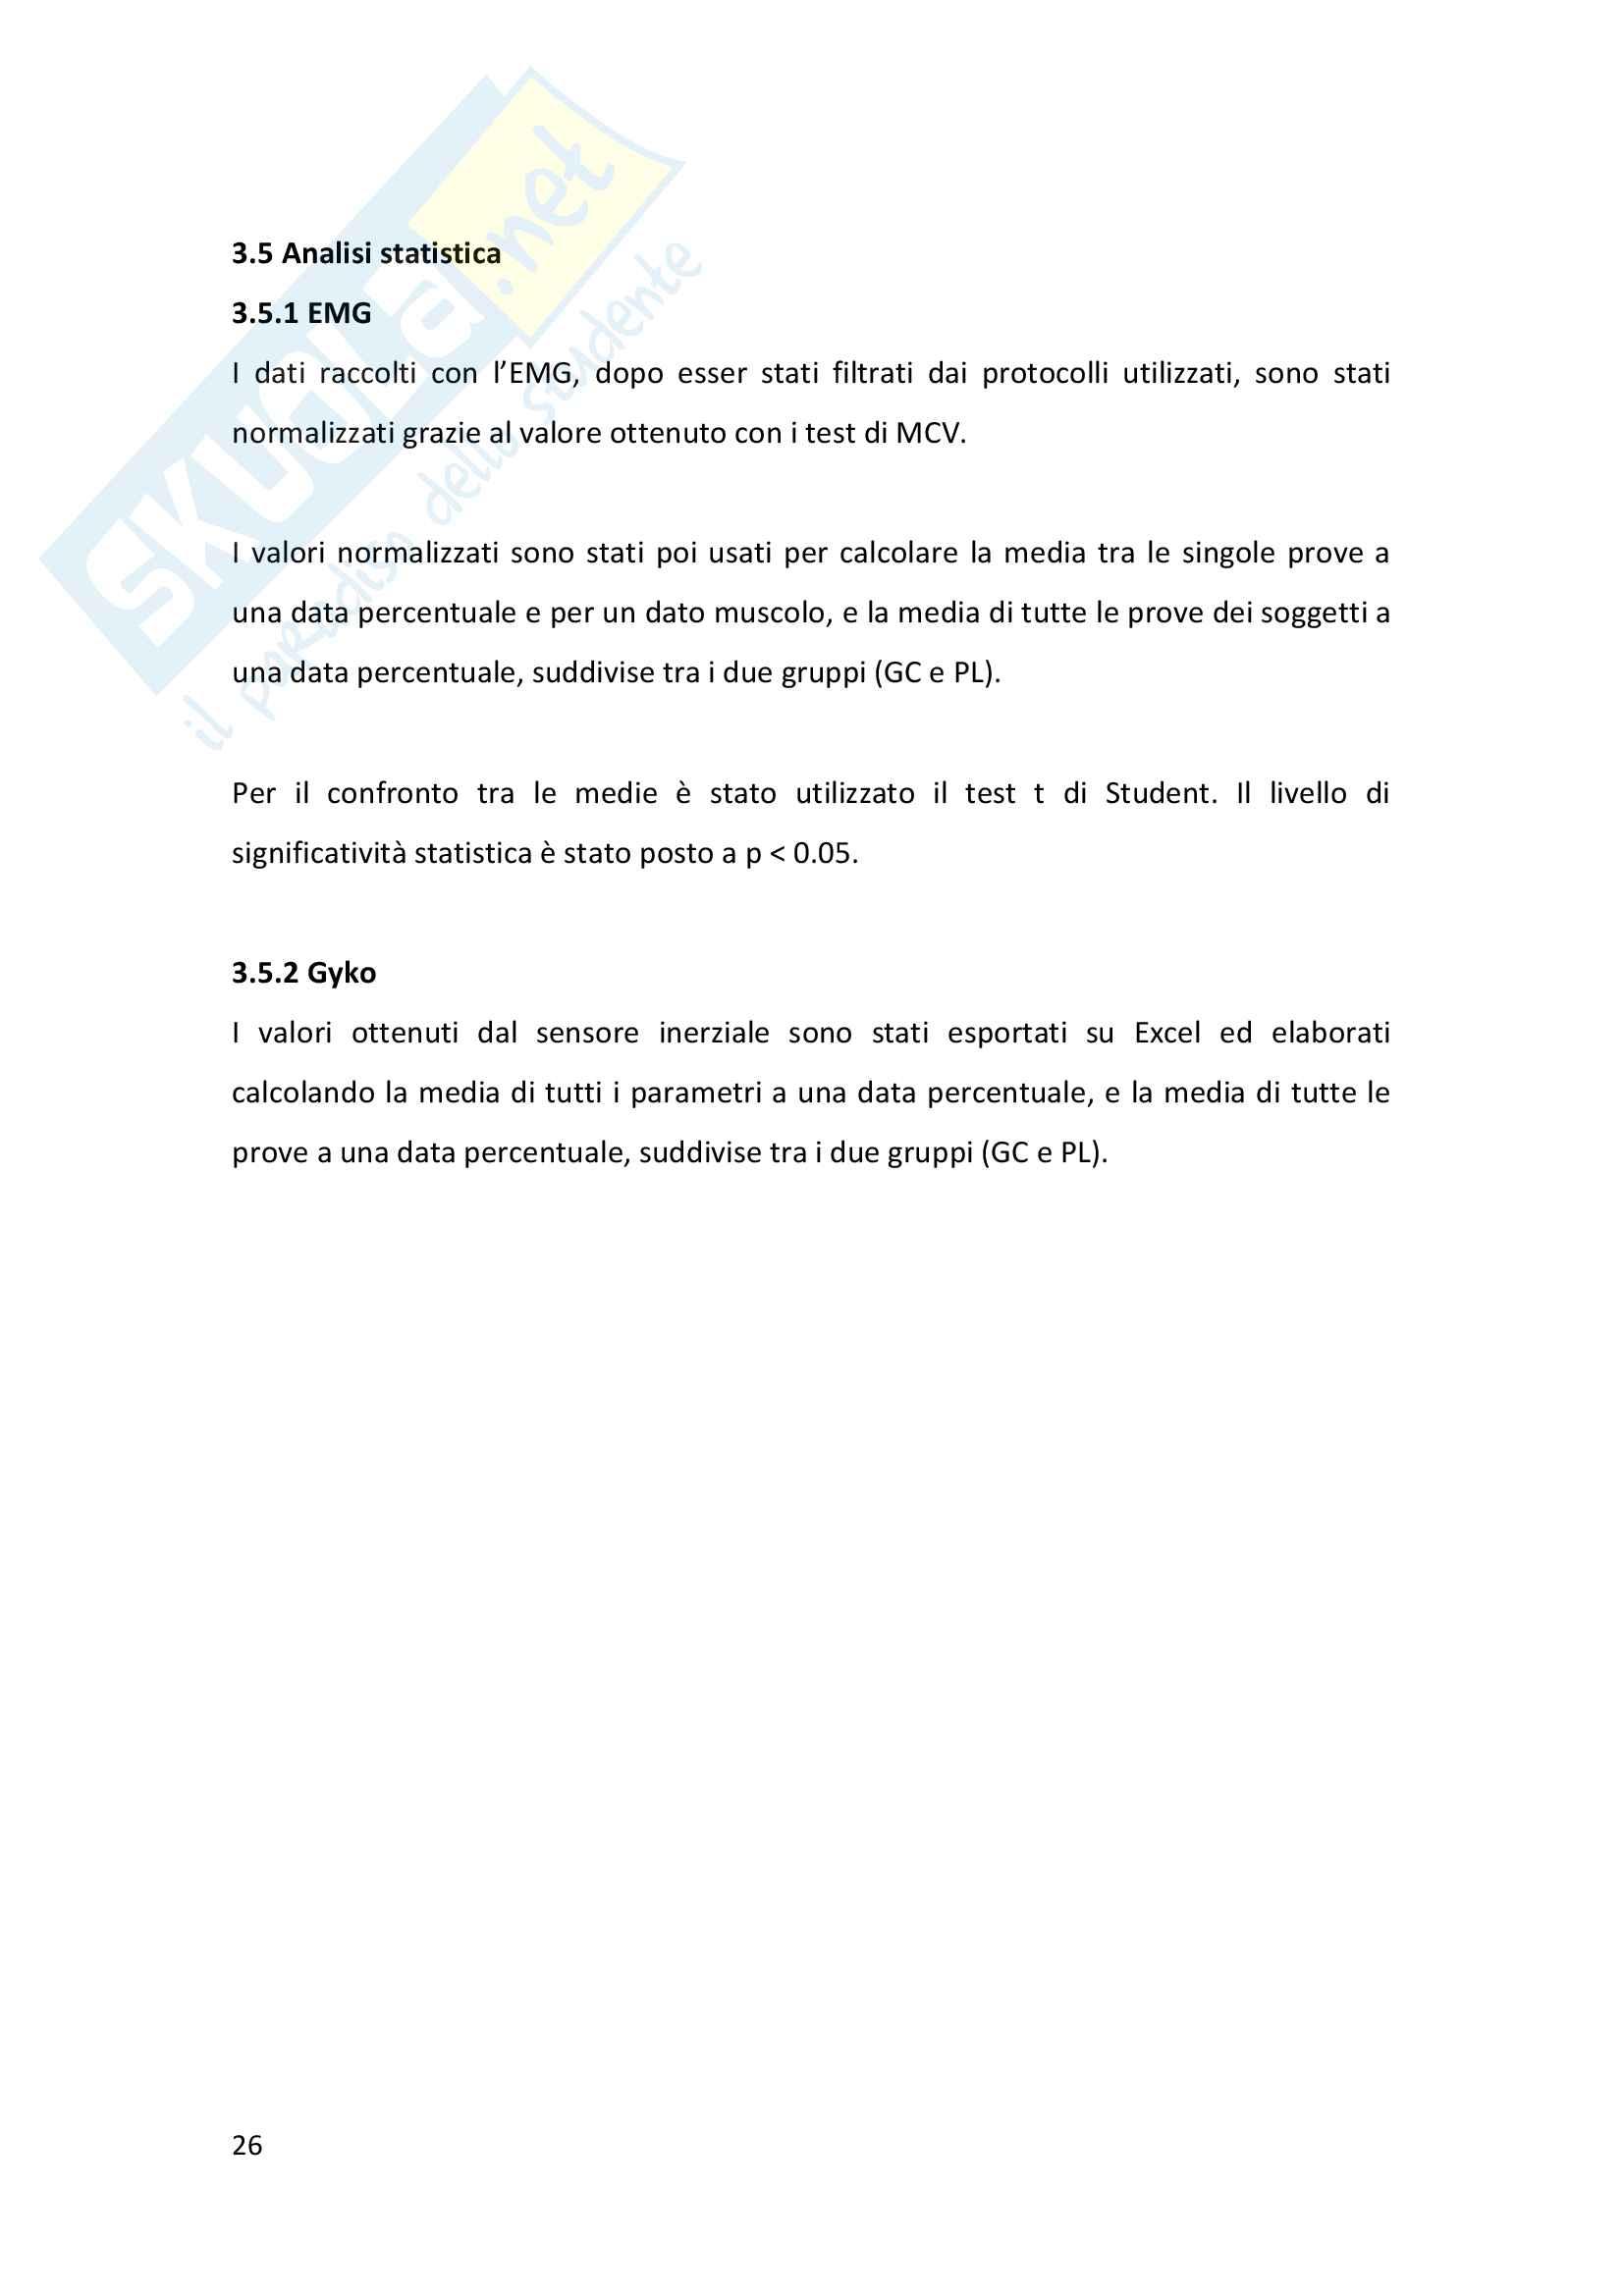 Analisi biomeccanica della panca piana in atleti di alto livello Pag. 26